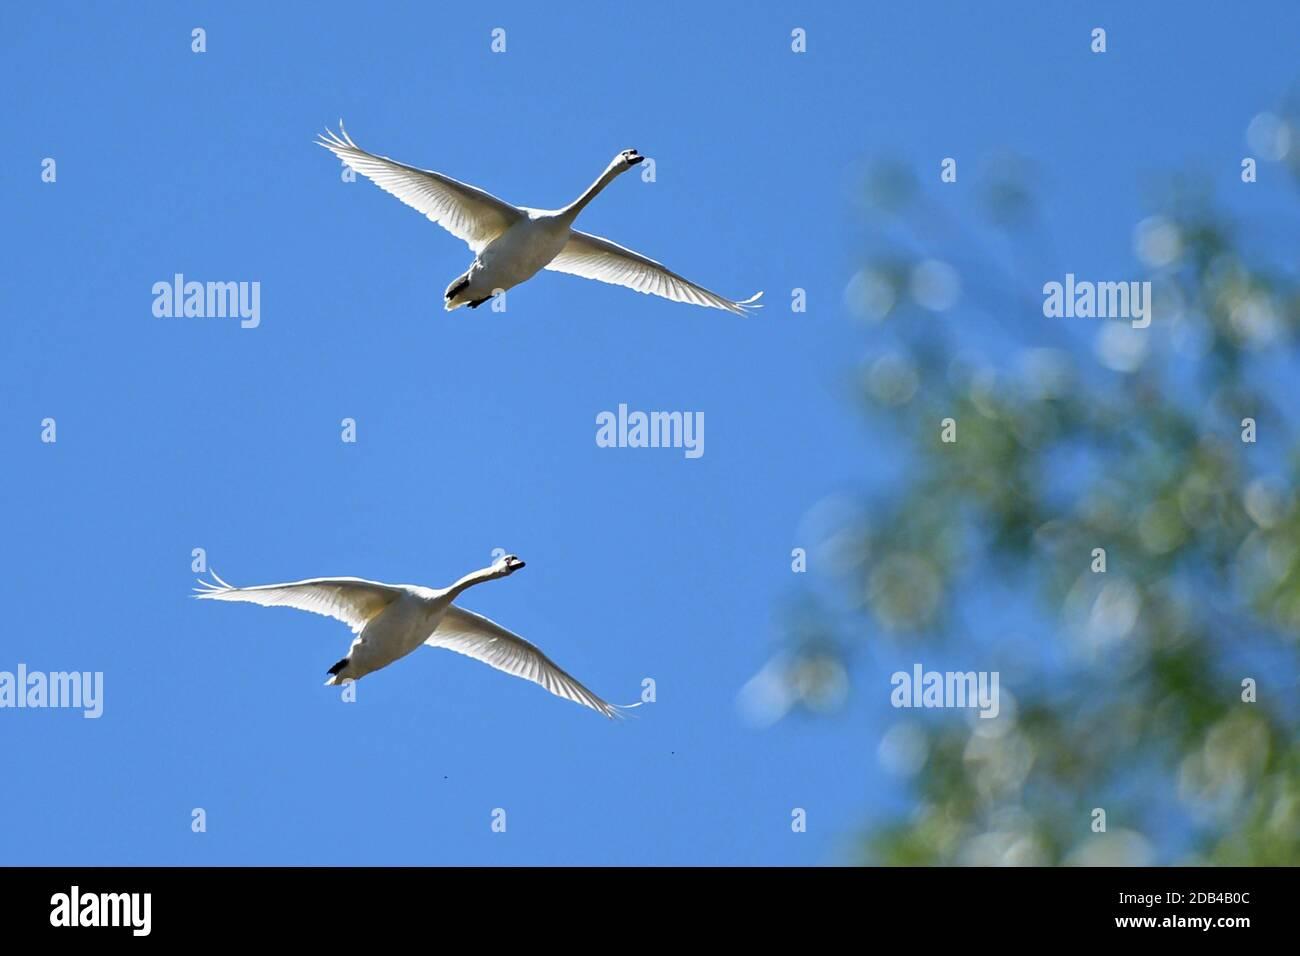 Zwei weiße Schwäne fliegen über der Stadt Steyr (Oberösterreich) - Two white swans fly over the city of Steyr (Upper Austria) Stock Photo